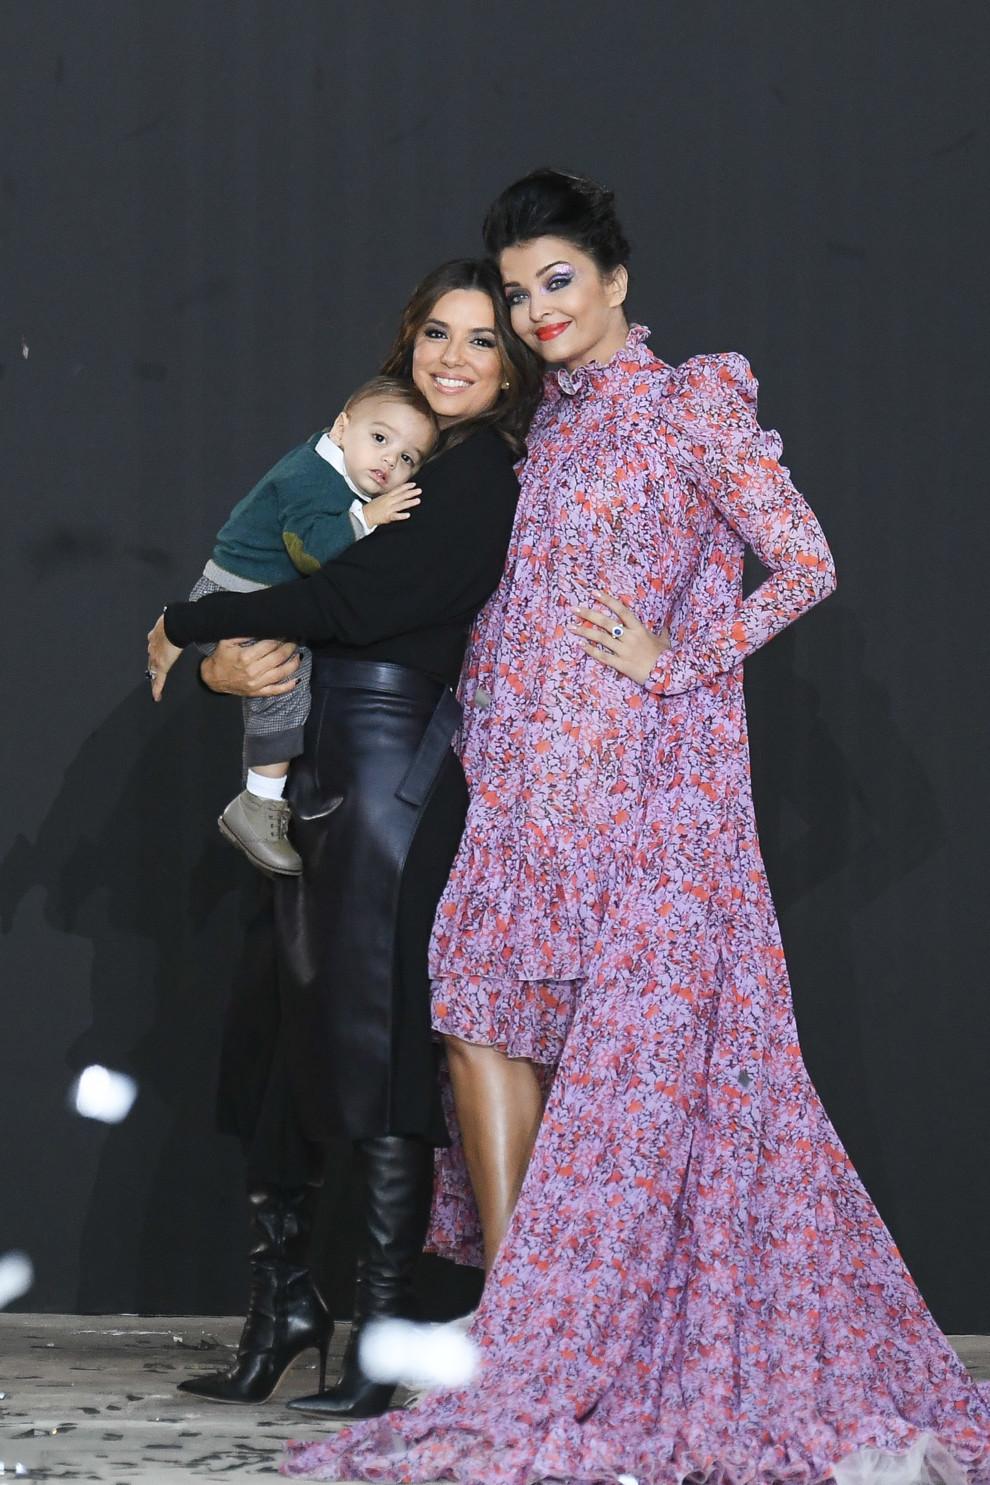 Дизайнер Катя Сильченко выступила моделью на показе L'Oreal в Париже (фото 7)